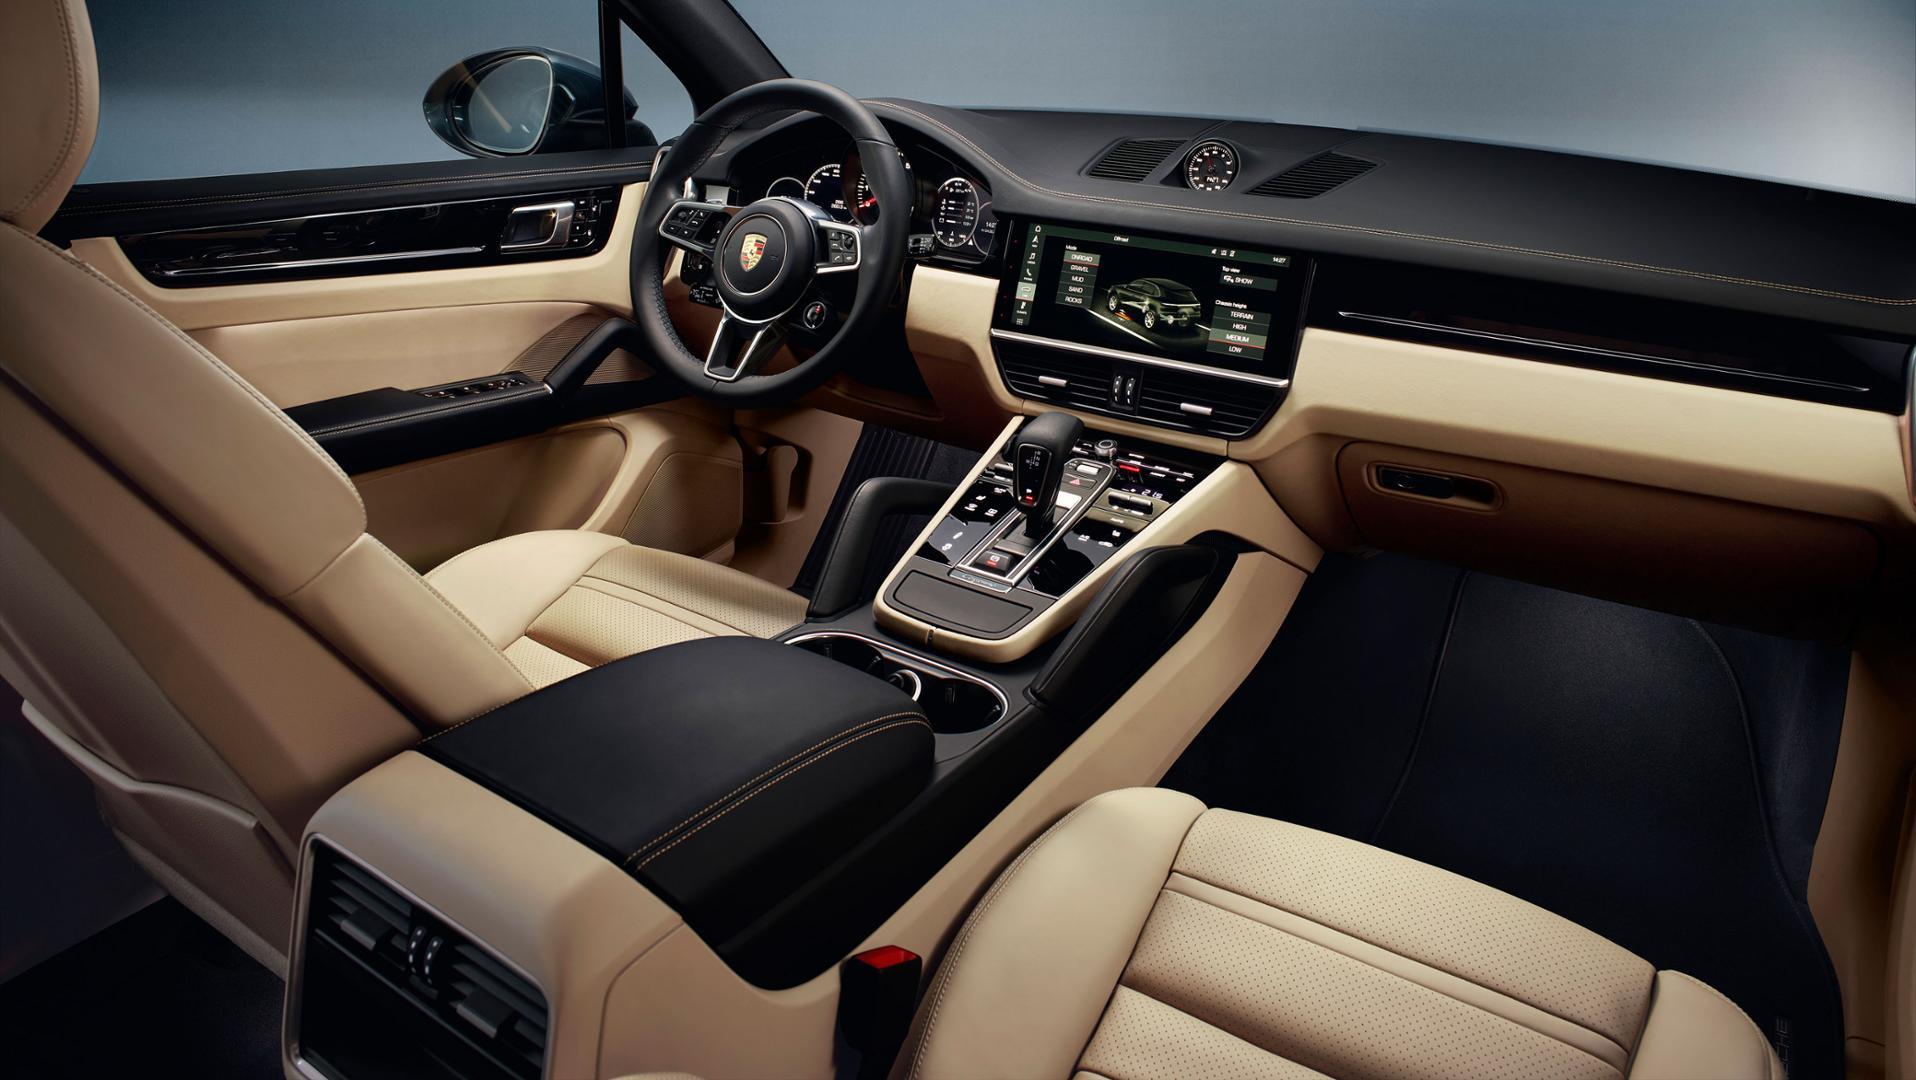 Porsche Cayenne, SUV, car model, automobile, Lamborghini, Maserati, Jaguar, Aston Martin, Apple carplay,most luxury prosche cars